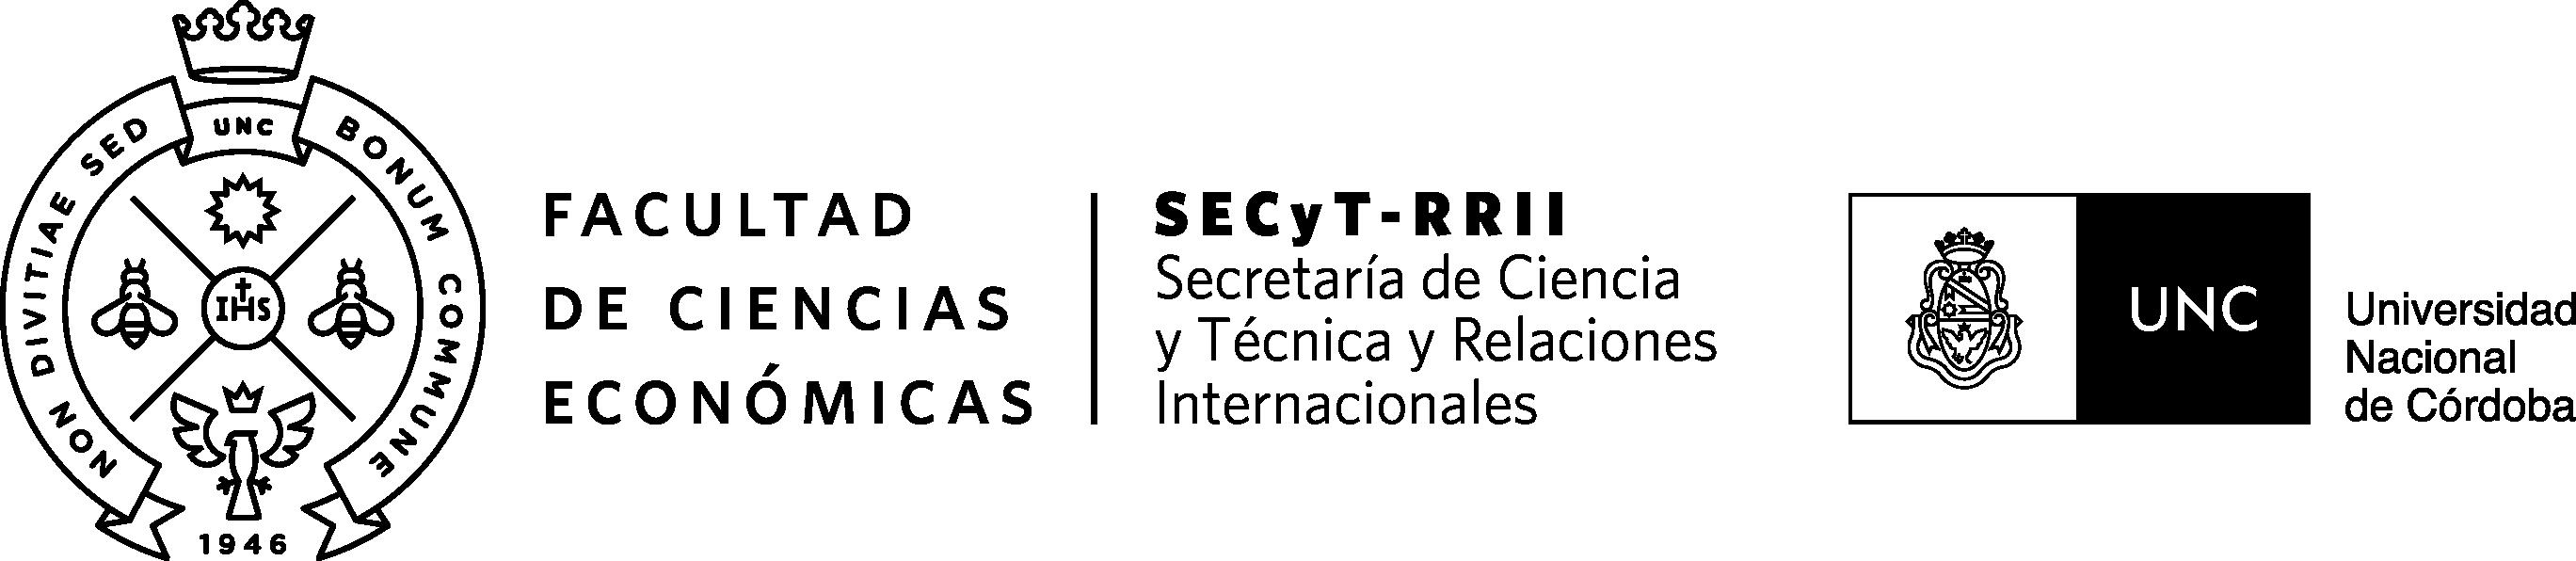 logo sect rrii 2019